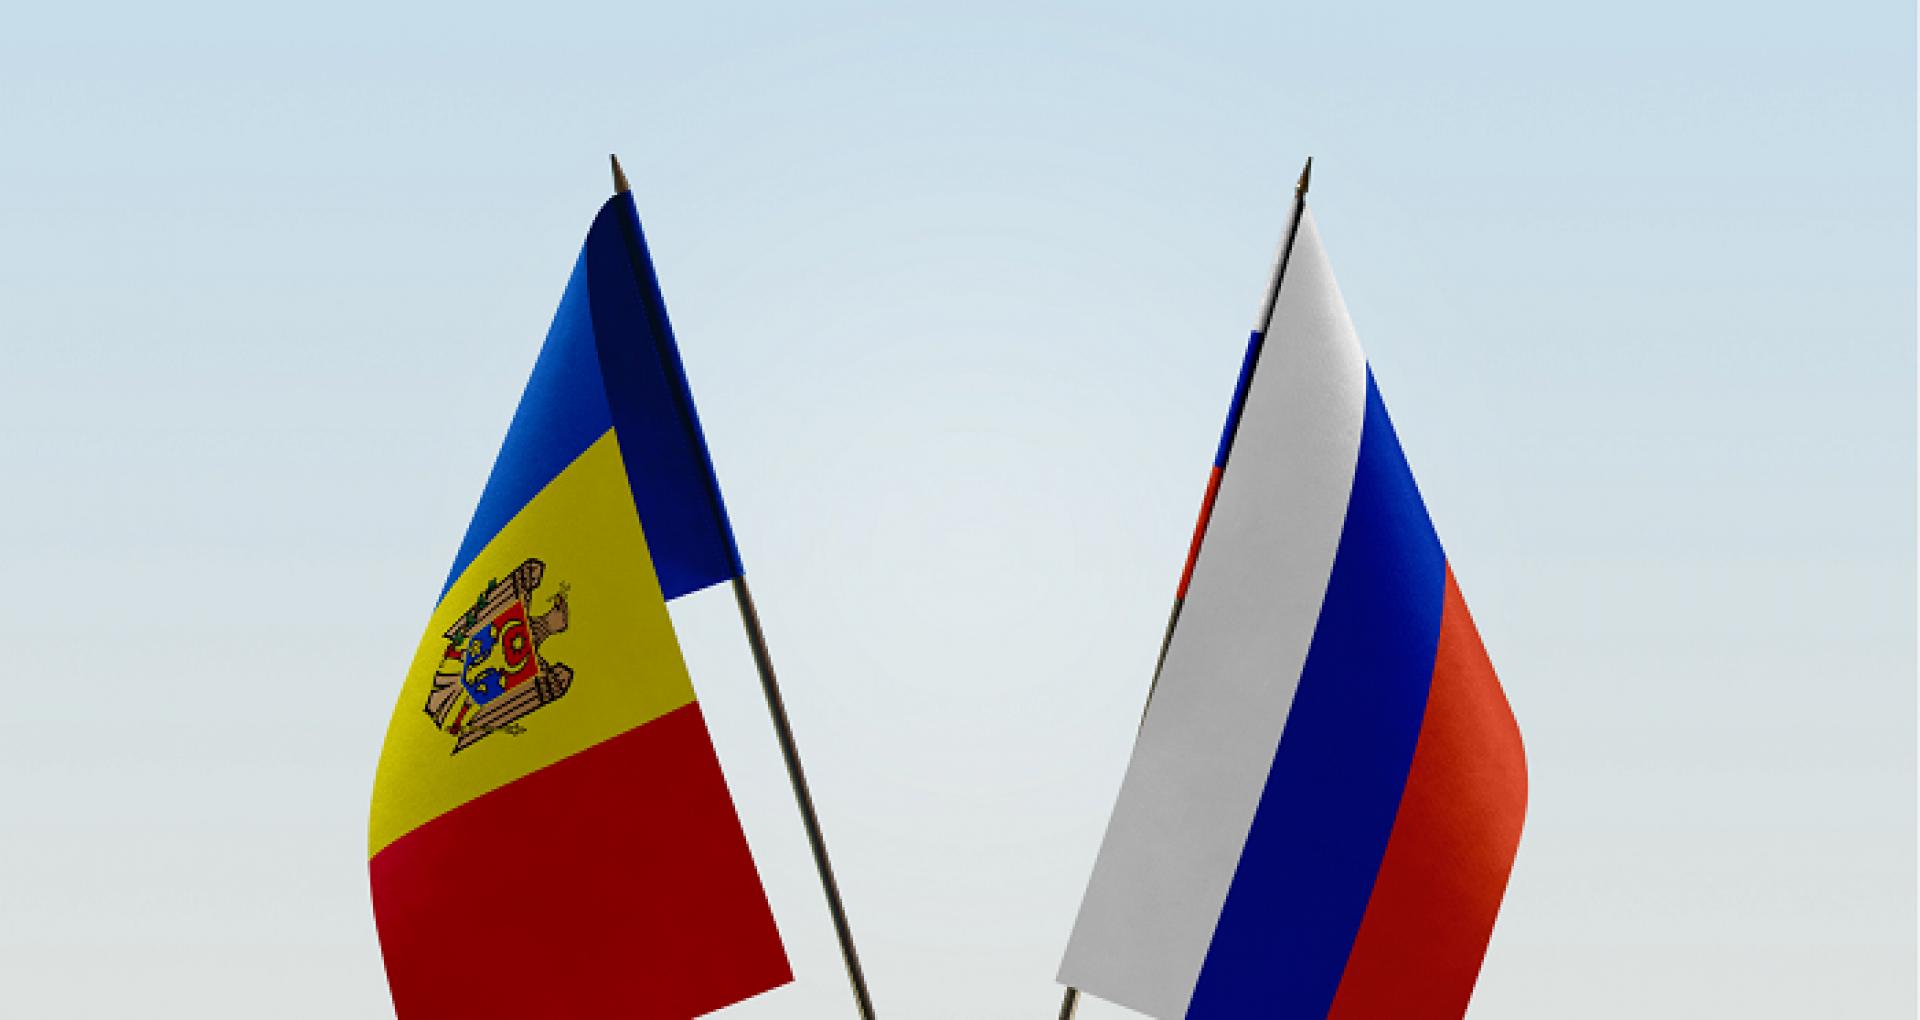 Reprezentanta R. Moldova în Comisia economică euroasiatică Oxana Greceanîi, rechemată de către Guvern